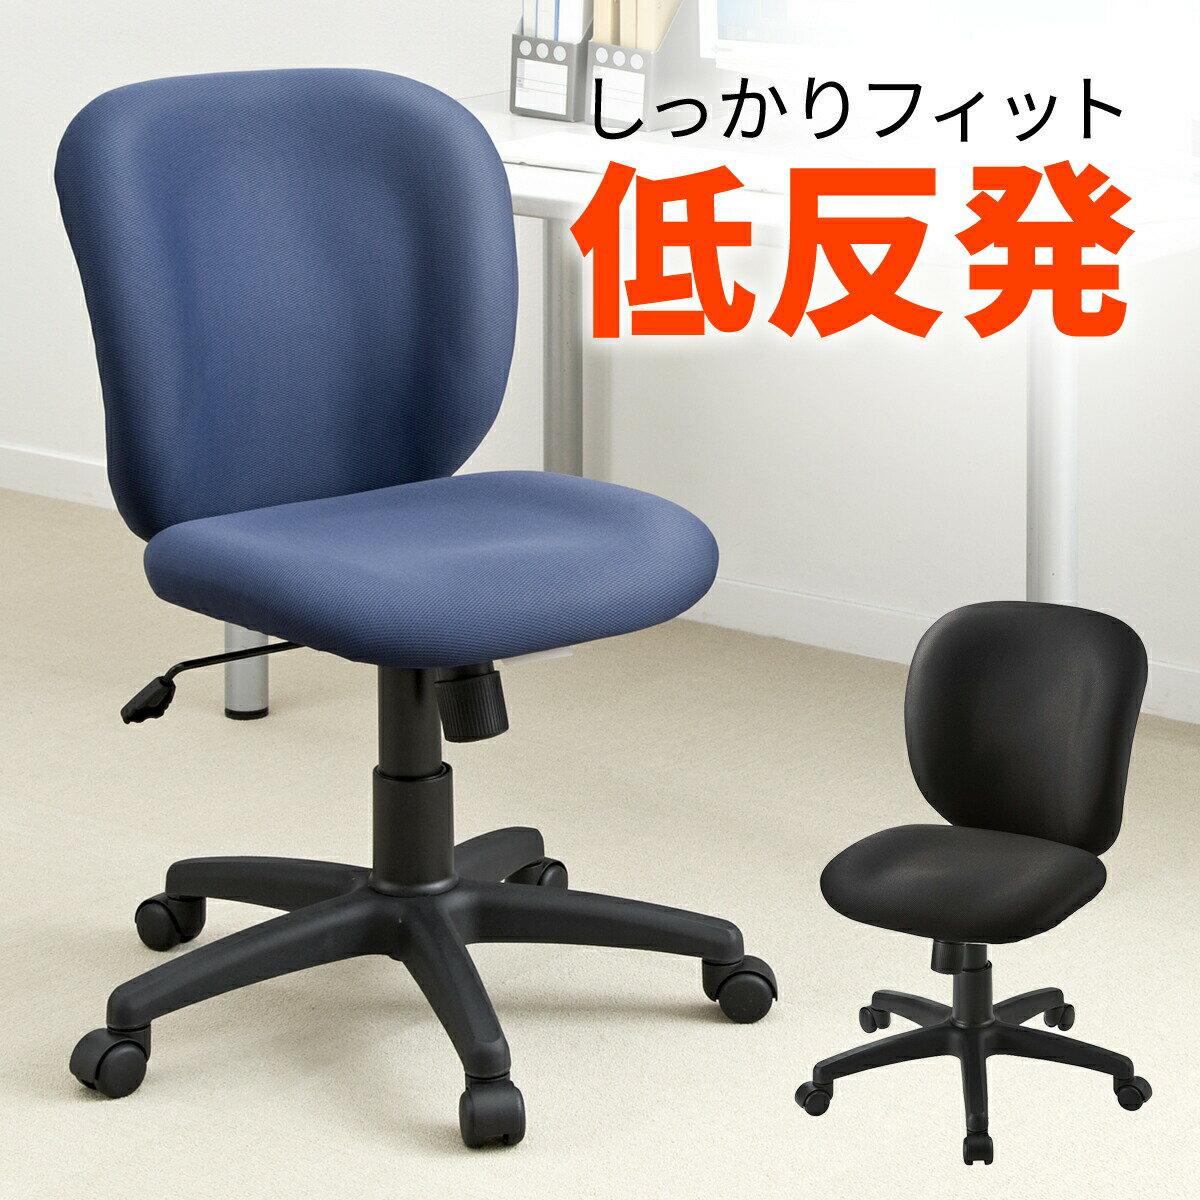 オフィスチェア 低反発クッション ロッキング キャスター 事務椅子 学習椅子 ブラック ブルー [100-SNC031]【サンワダイレクト限定品】【送料無料】